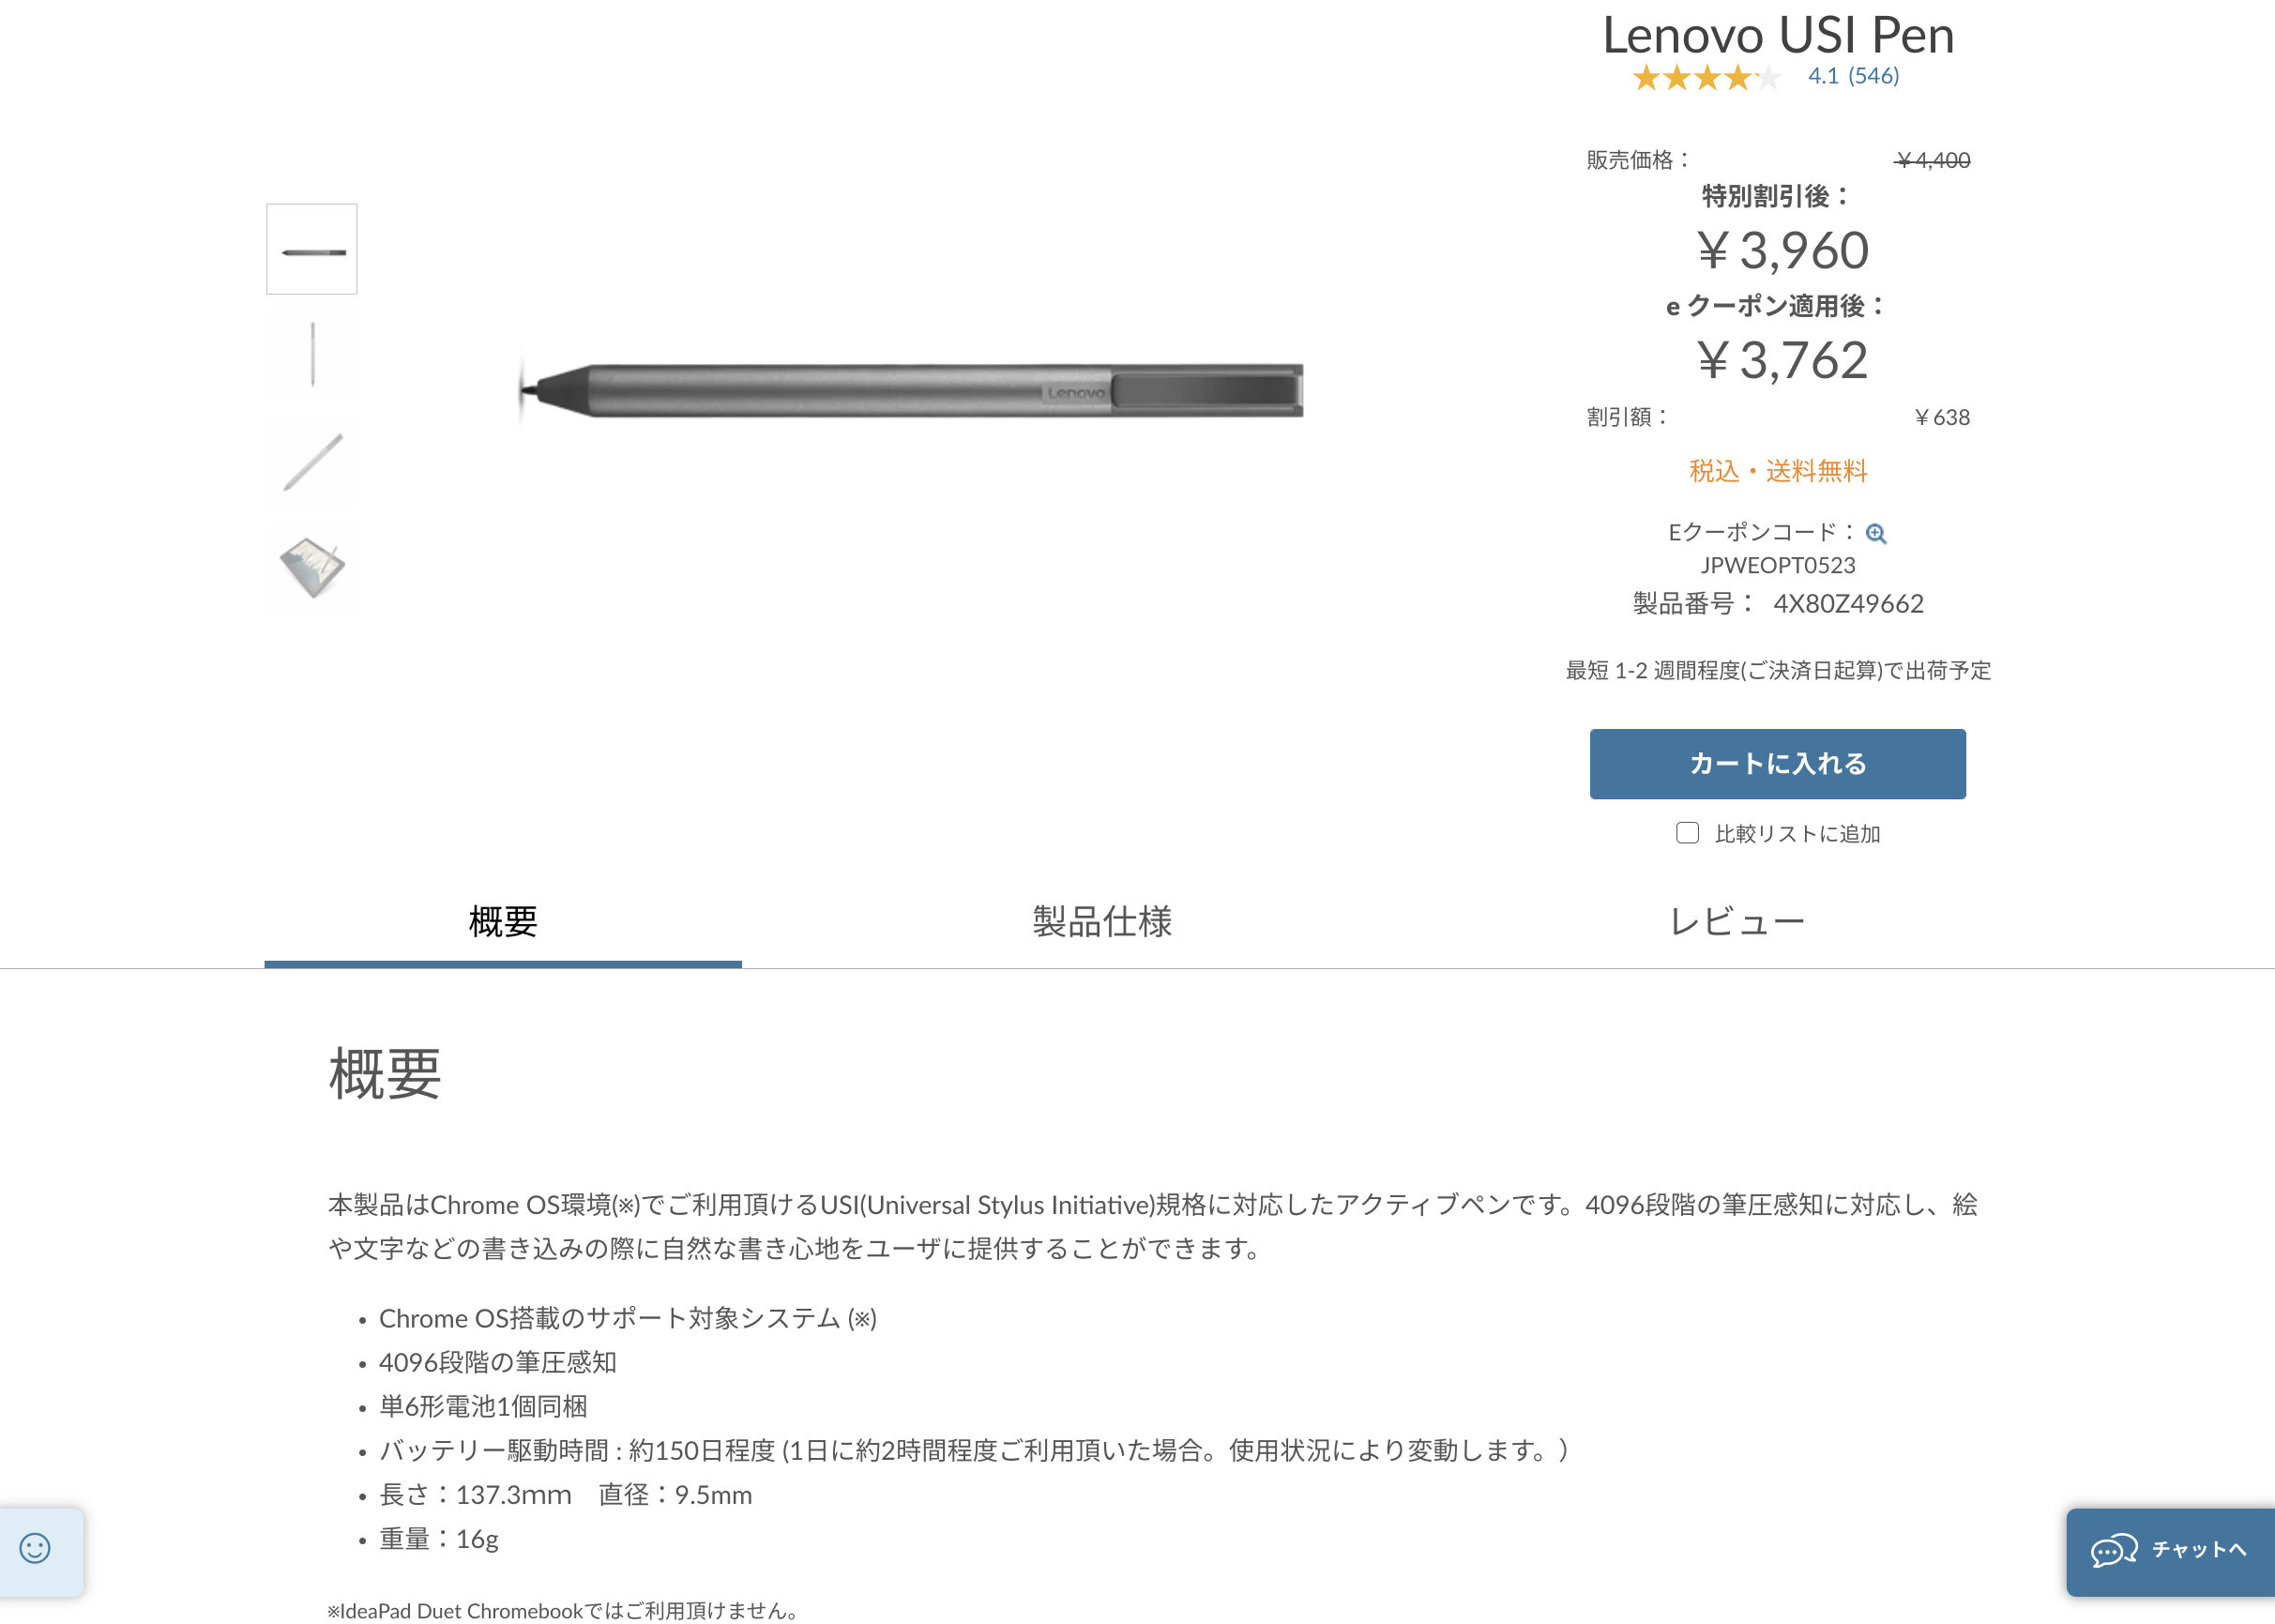 [かぶ] Lenovo IdeaPad Duet ChromebookとLenovo純正USI Penで不具合が発生している模様。